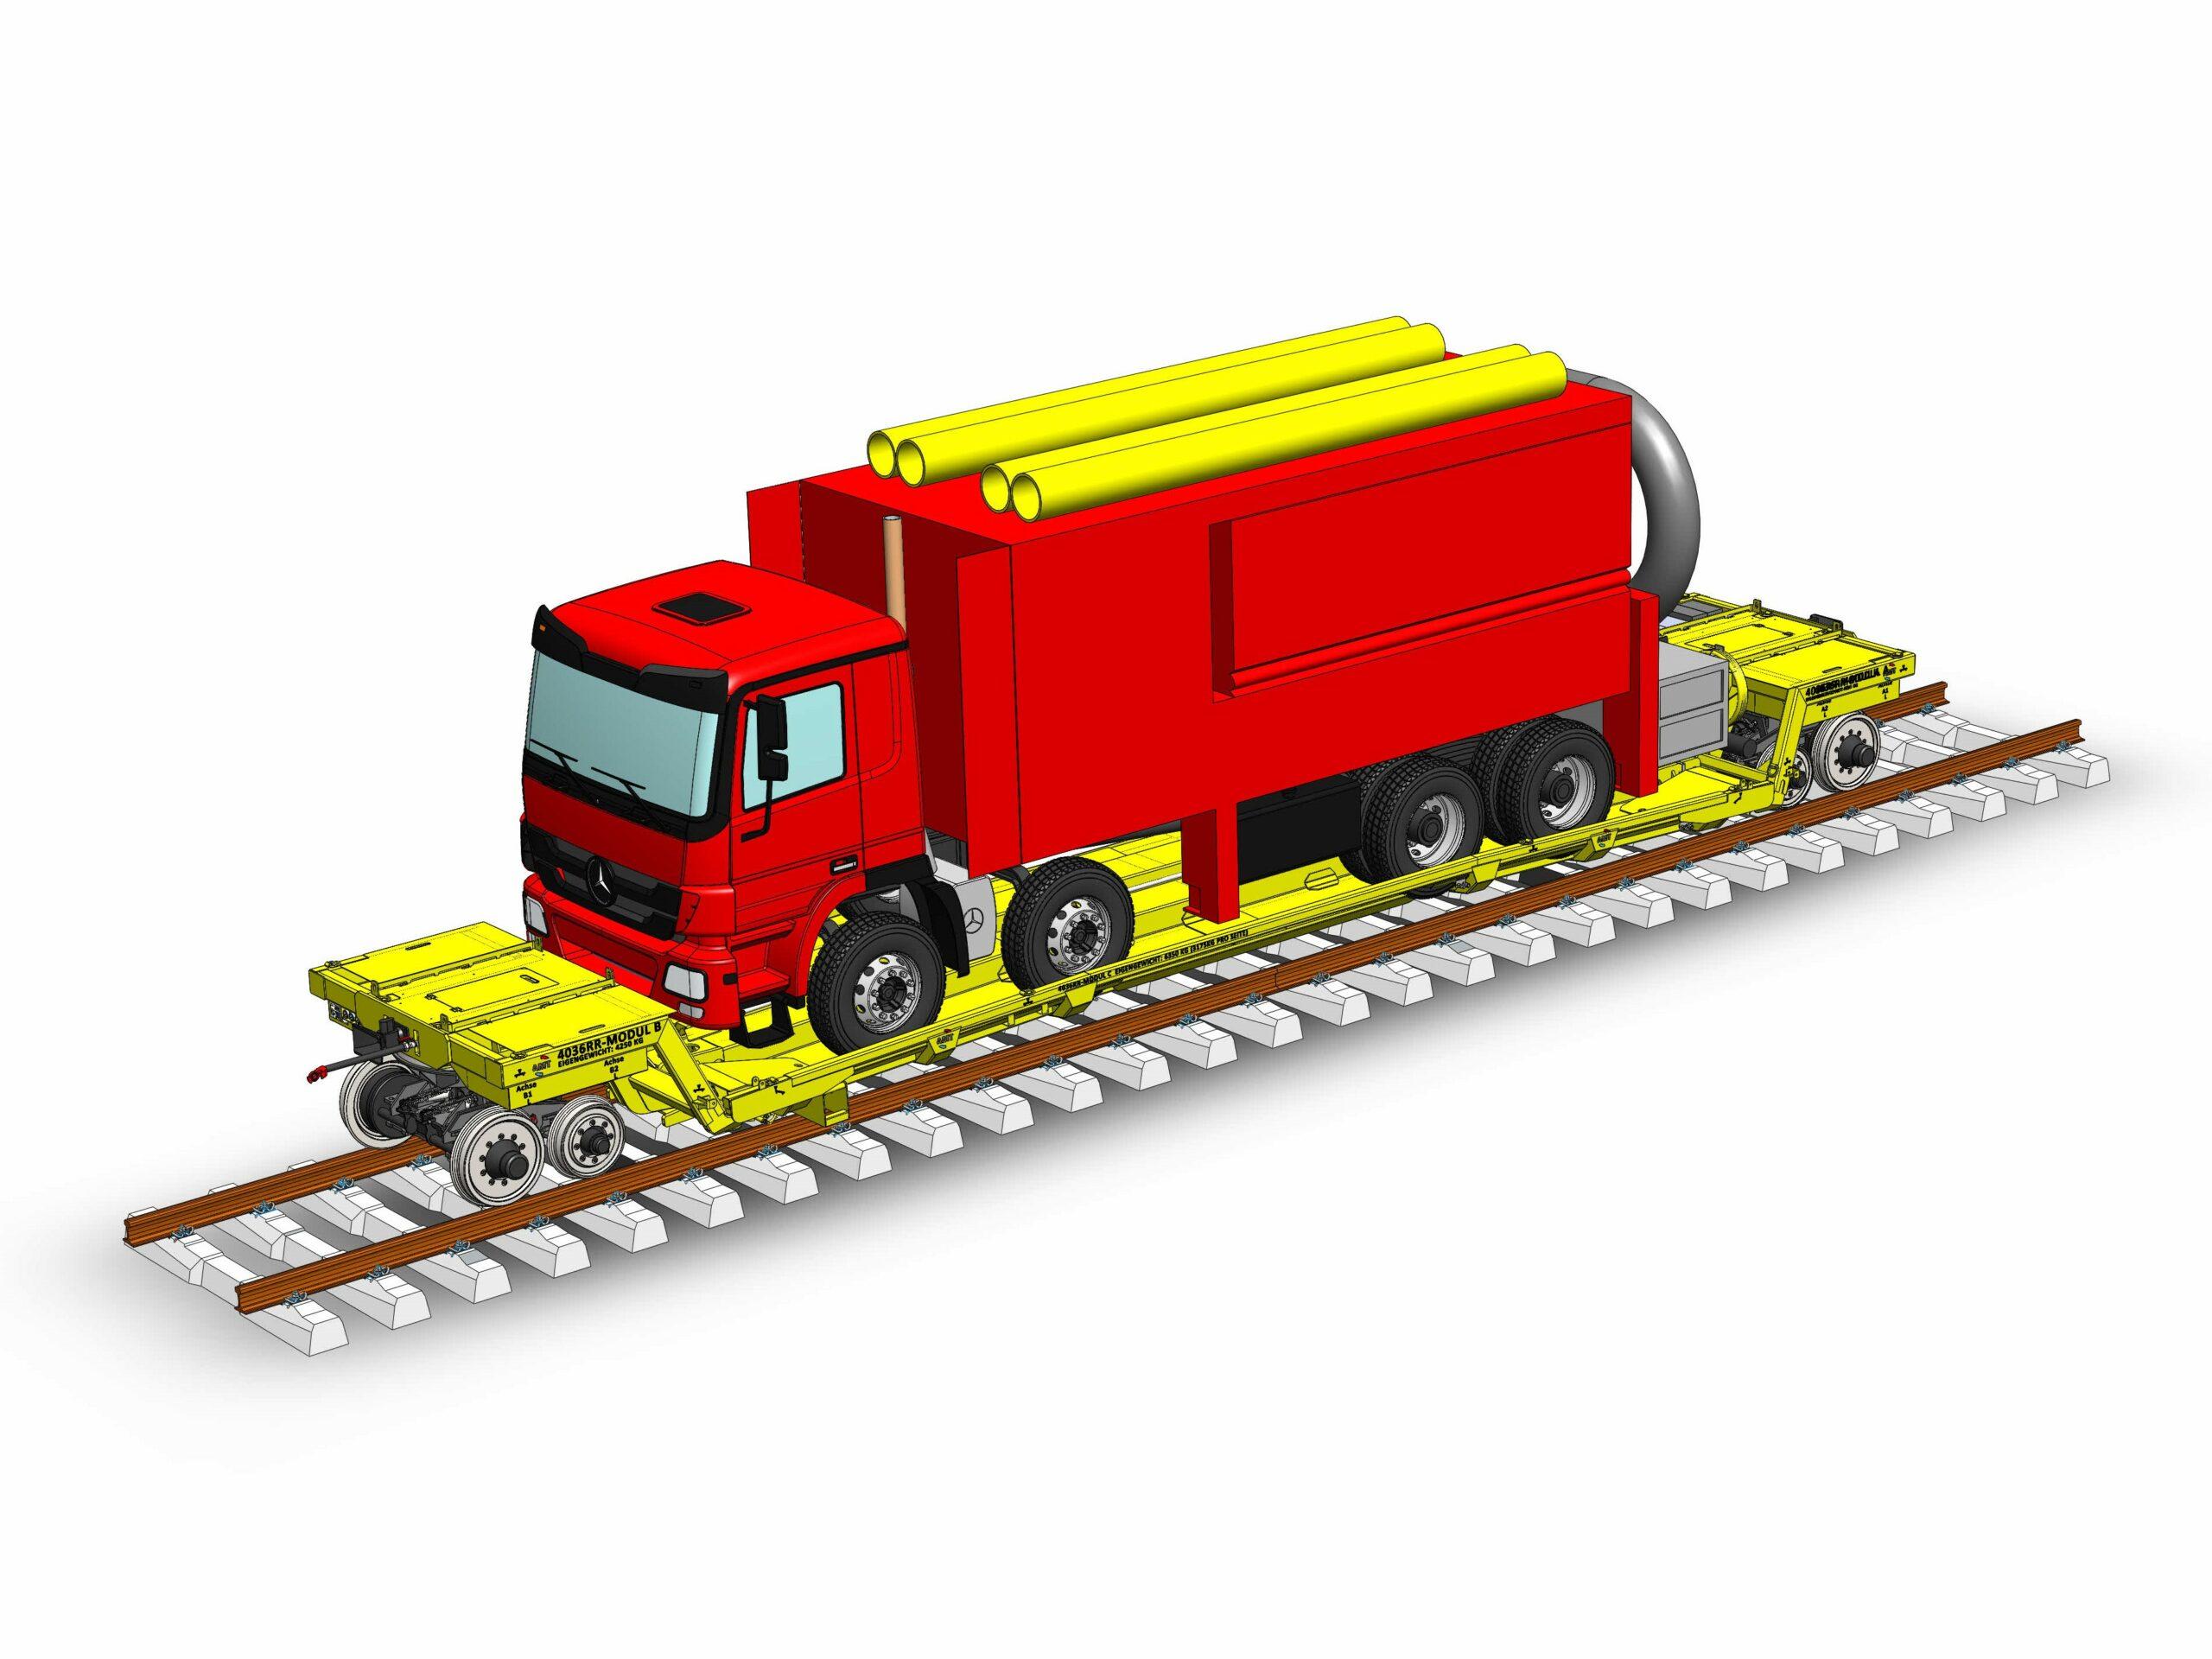 Zelfrijdende railtrailer met vrachtwagen